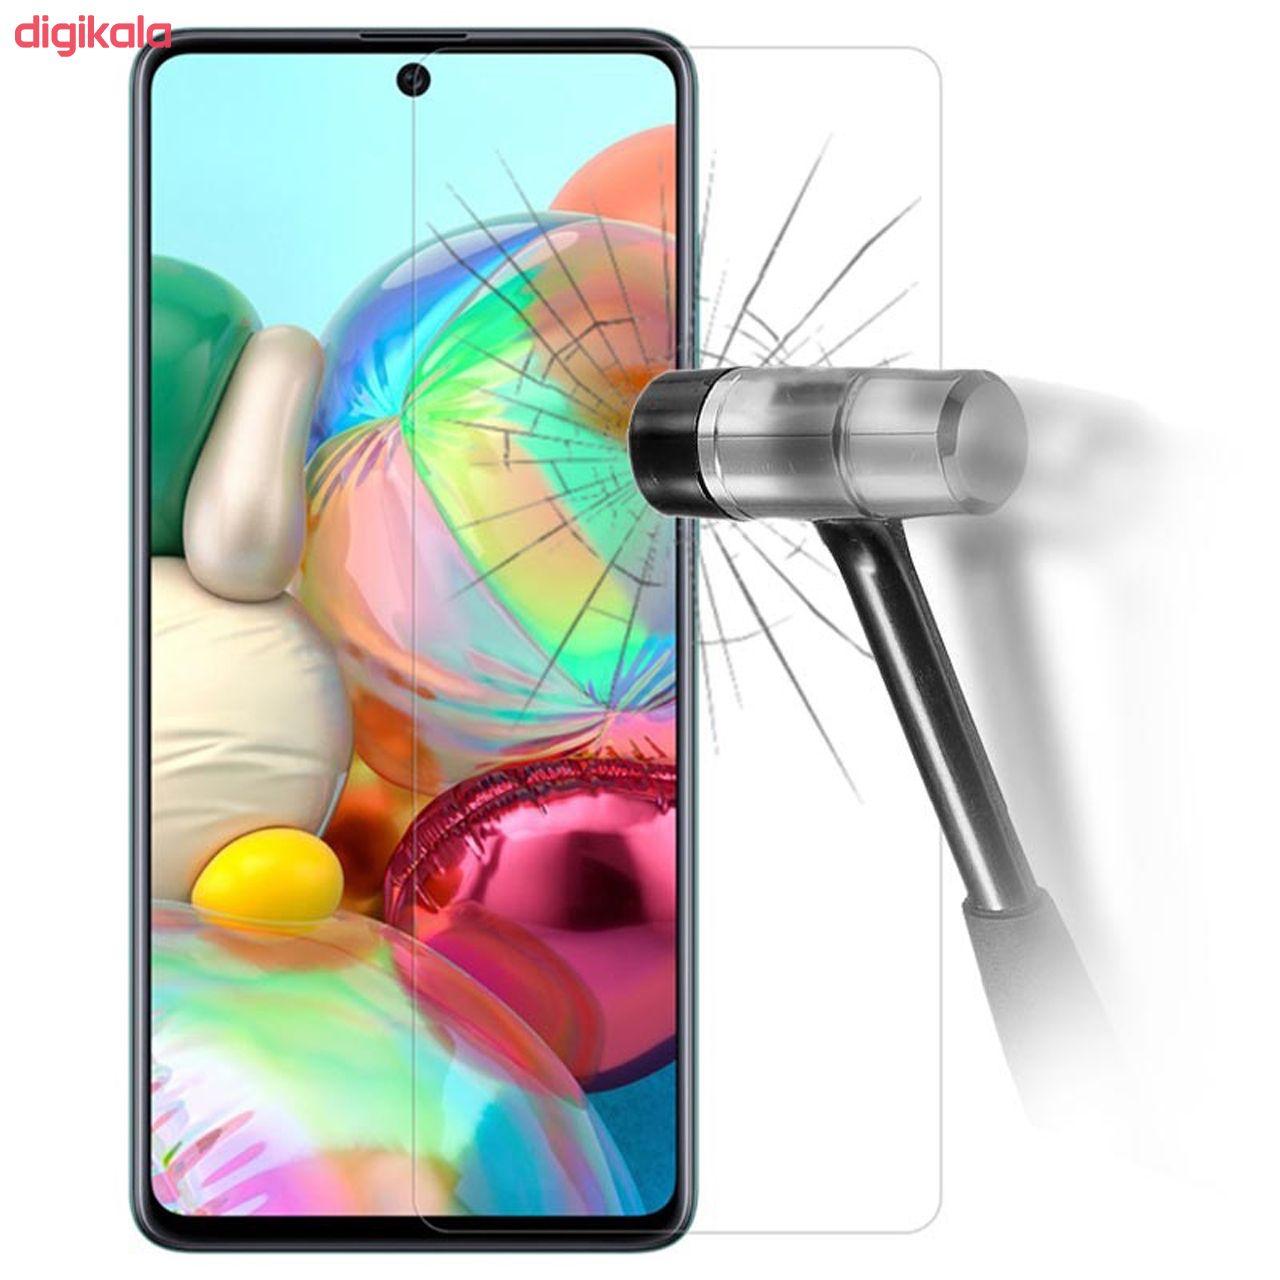 محافظ صفحه نمایش سیحان مدل CLT مناسب برای گوشی موبایل سامسونگ Galaxy A51 main 1 2